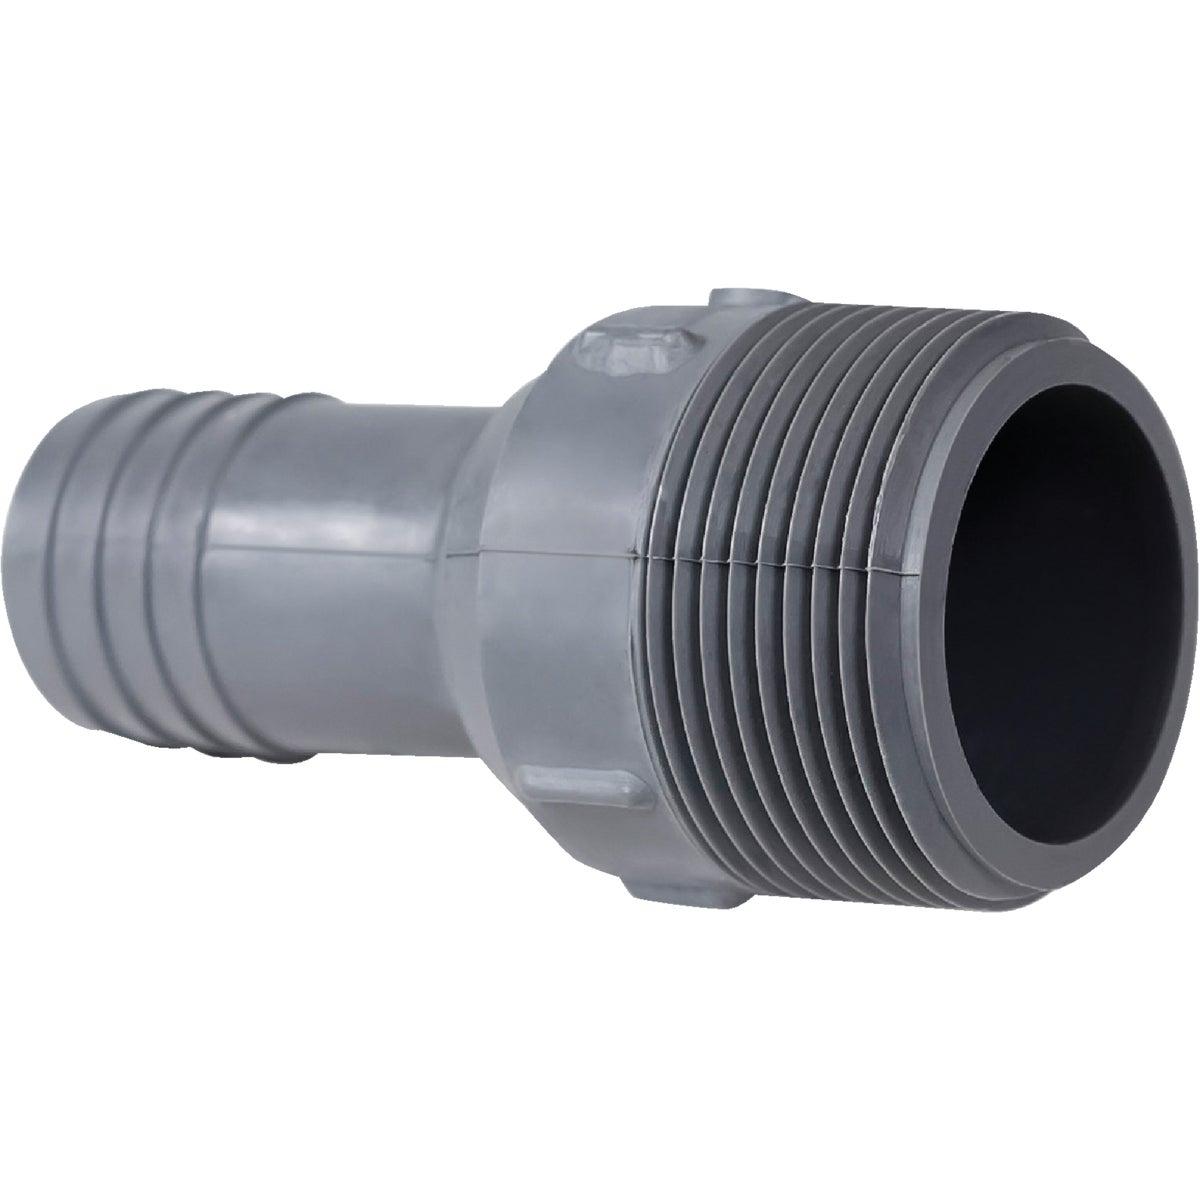 Genova Products 350440 Insert Mip (I x M) Adapter, 1